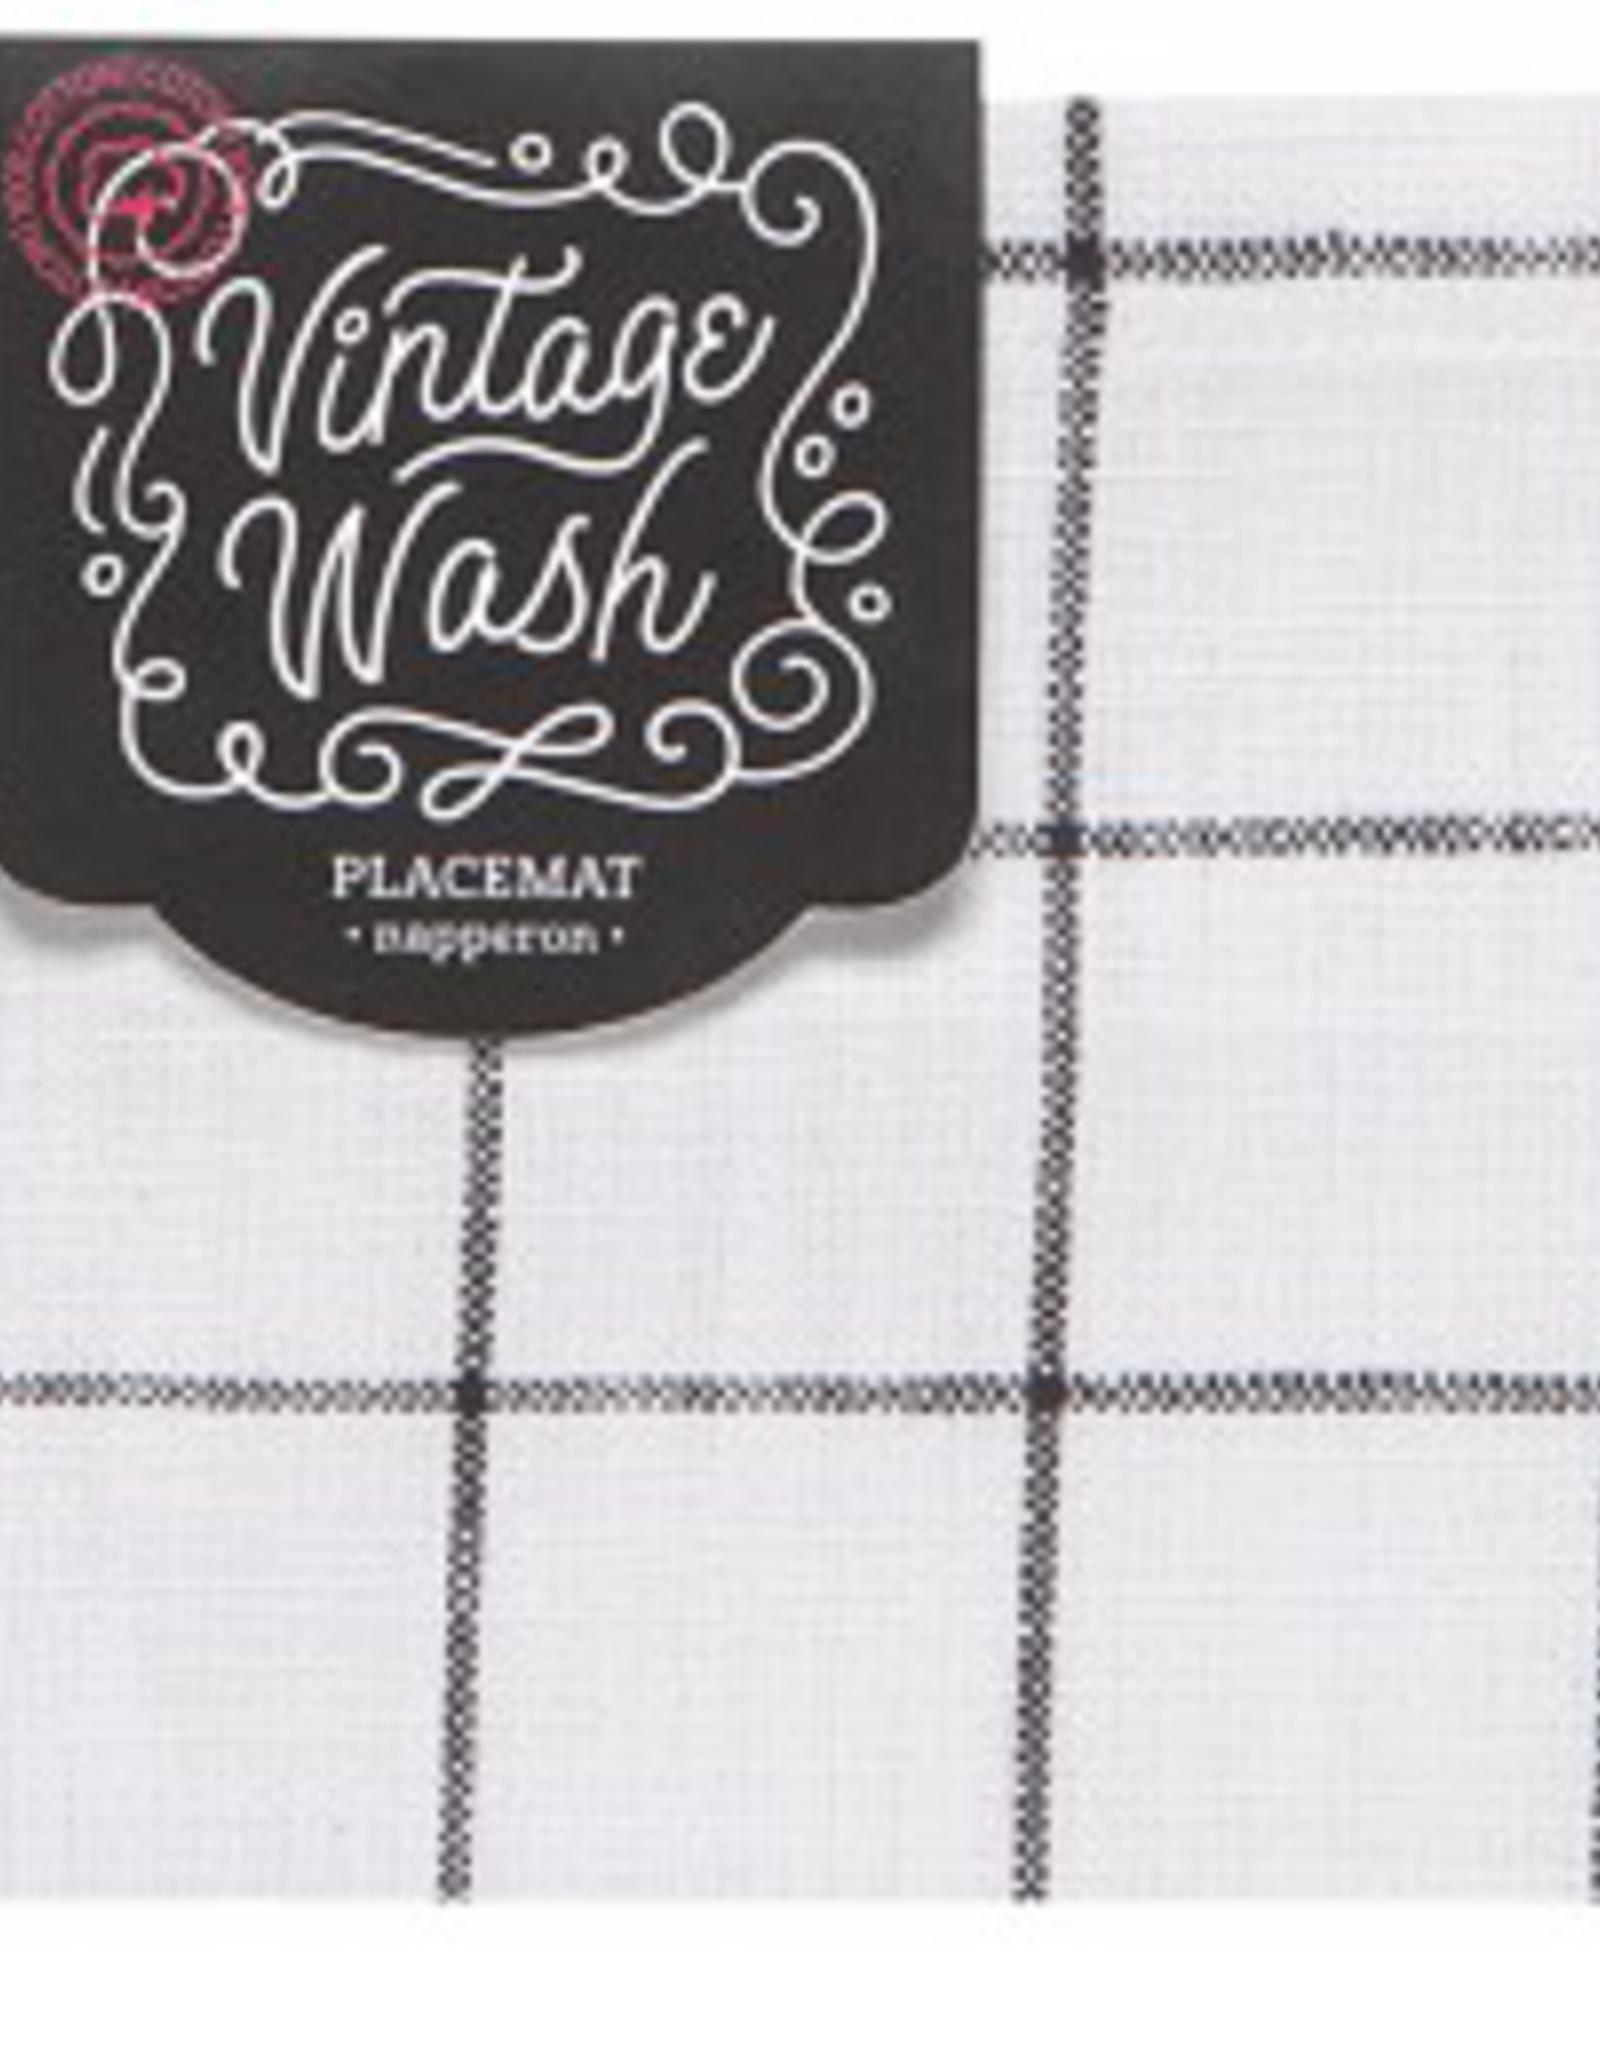 Danica Danica Vintage Wash Placemat-Black